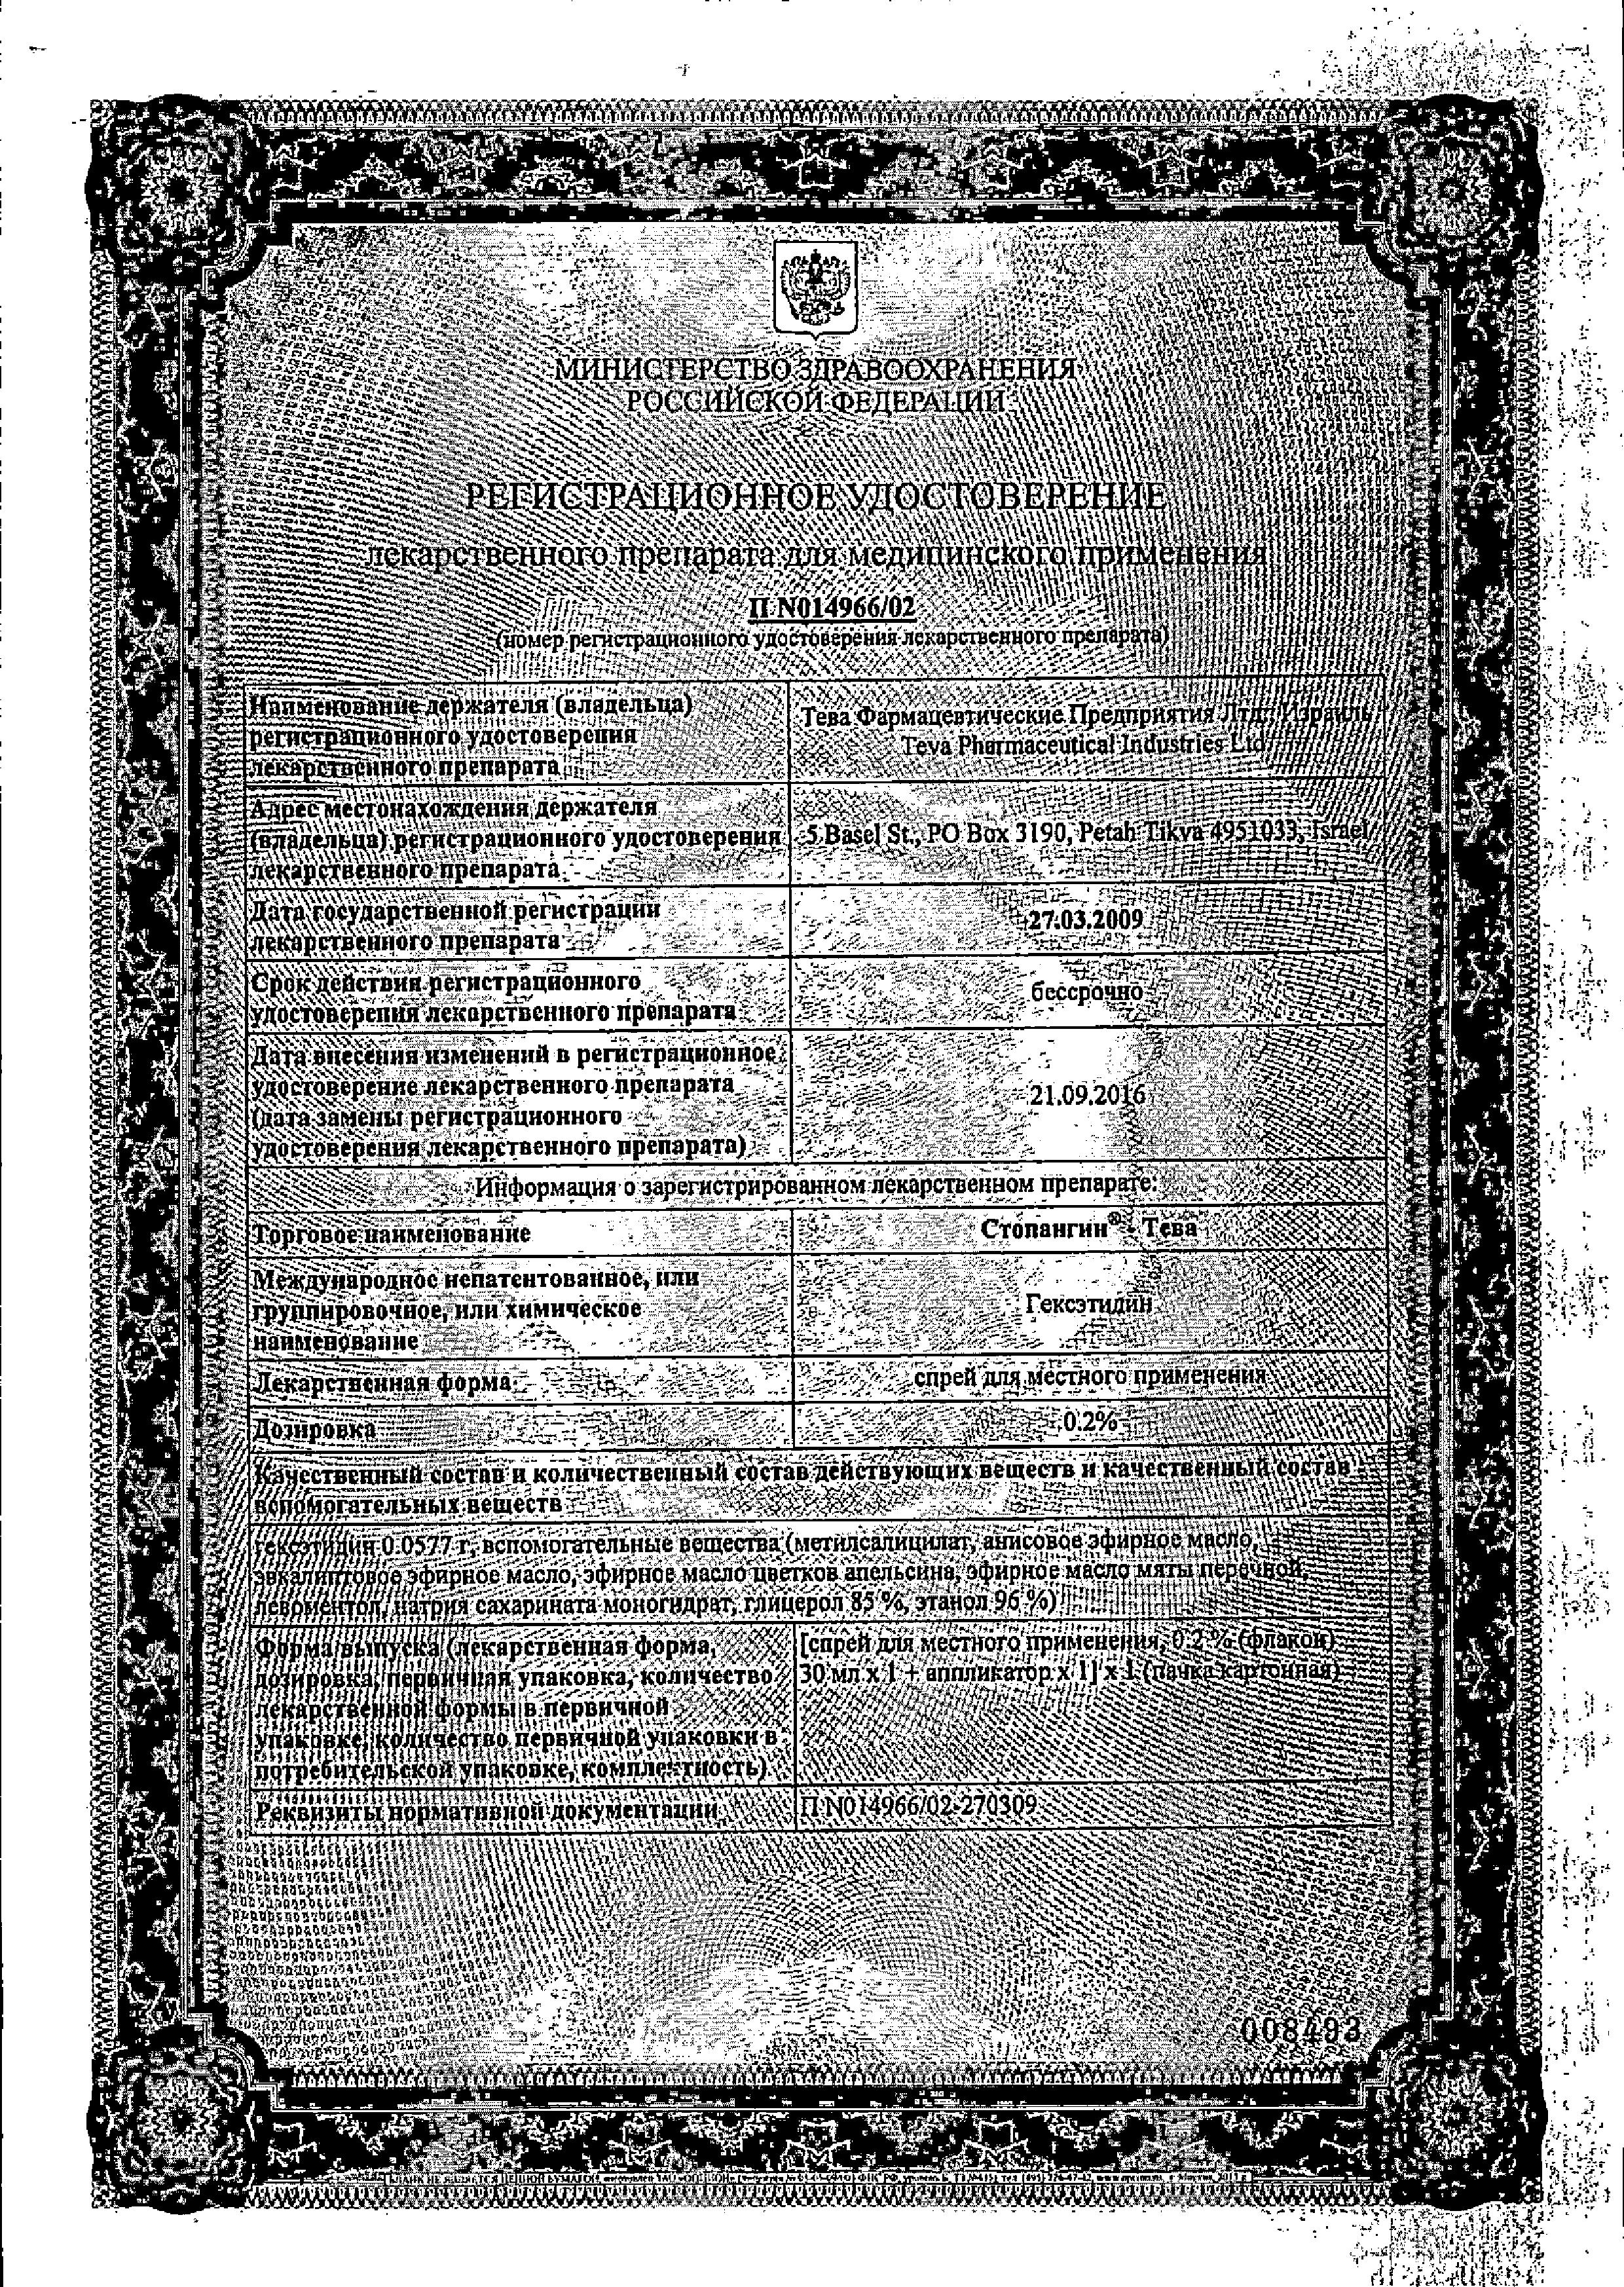 Стопангин сертификат